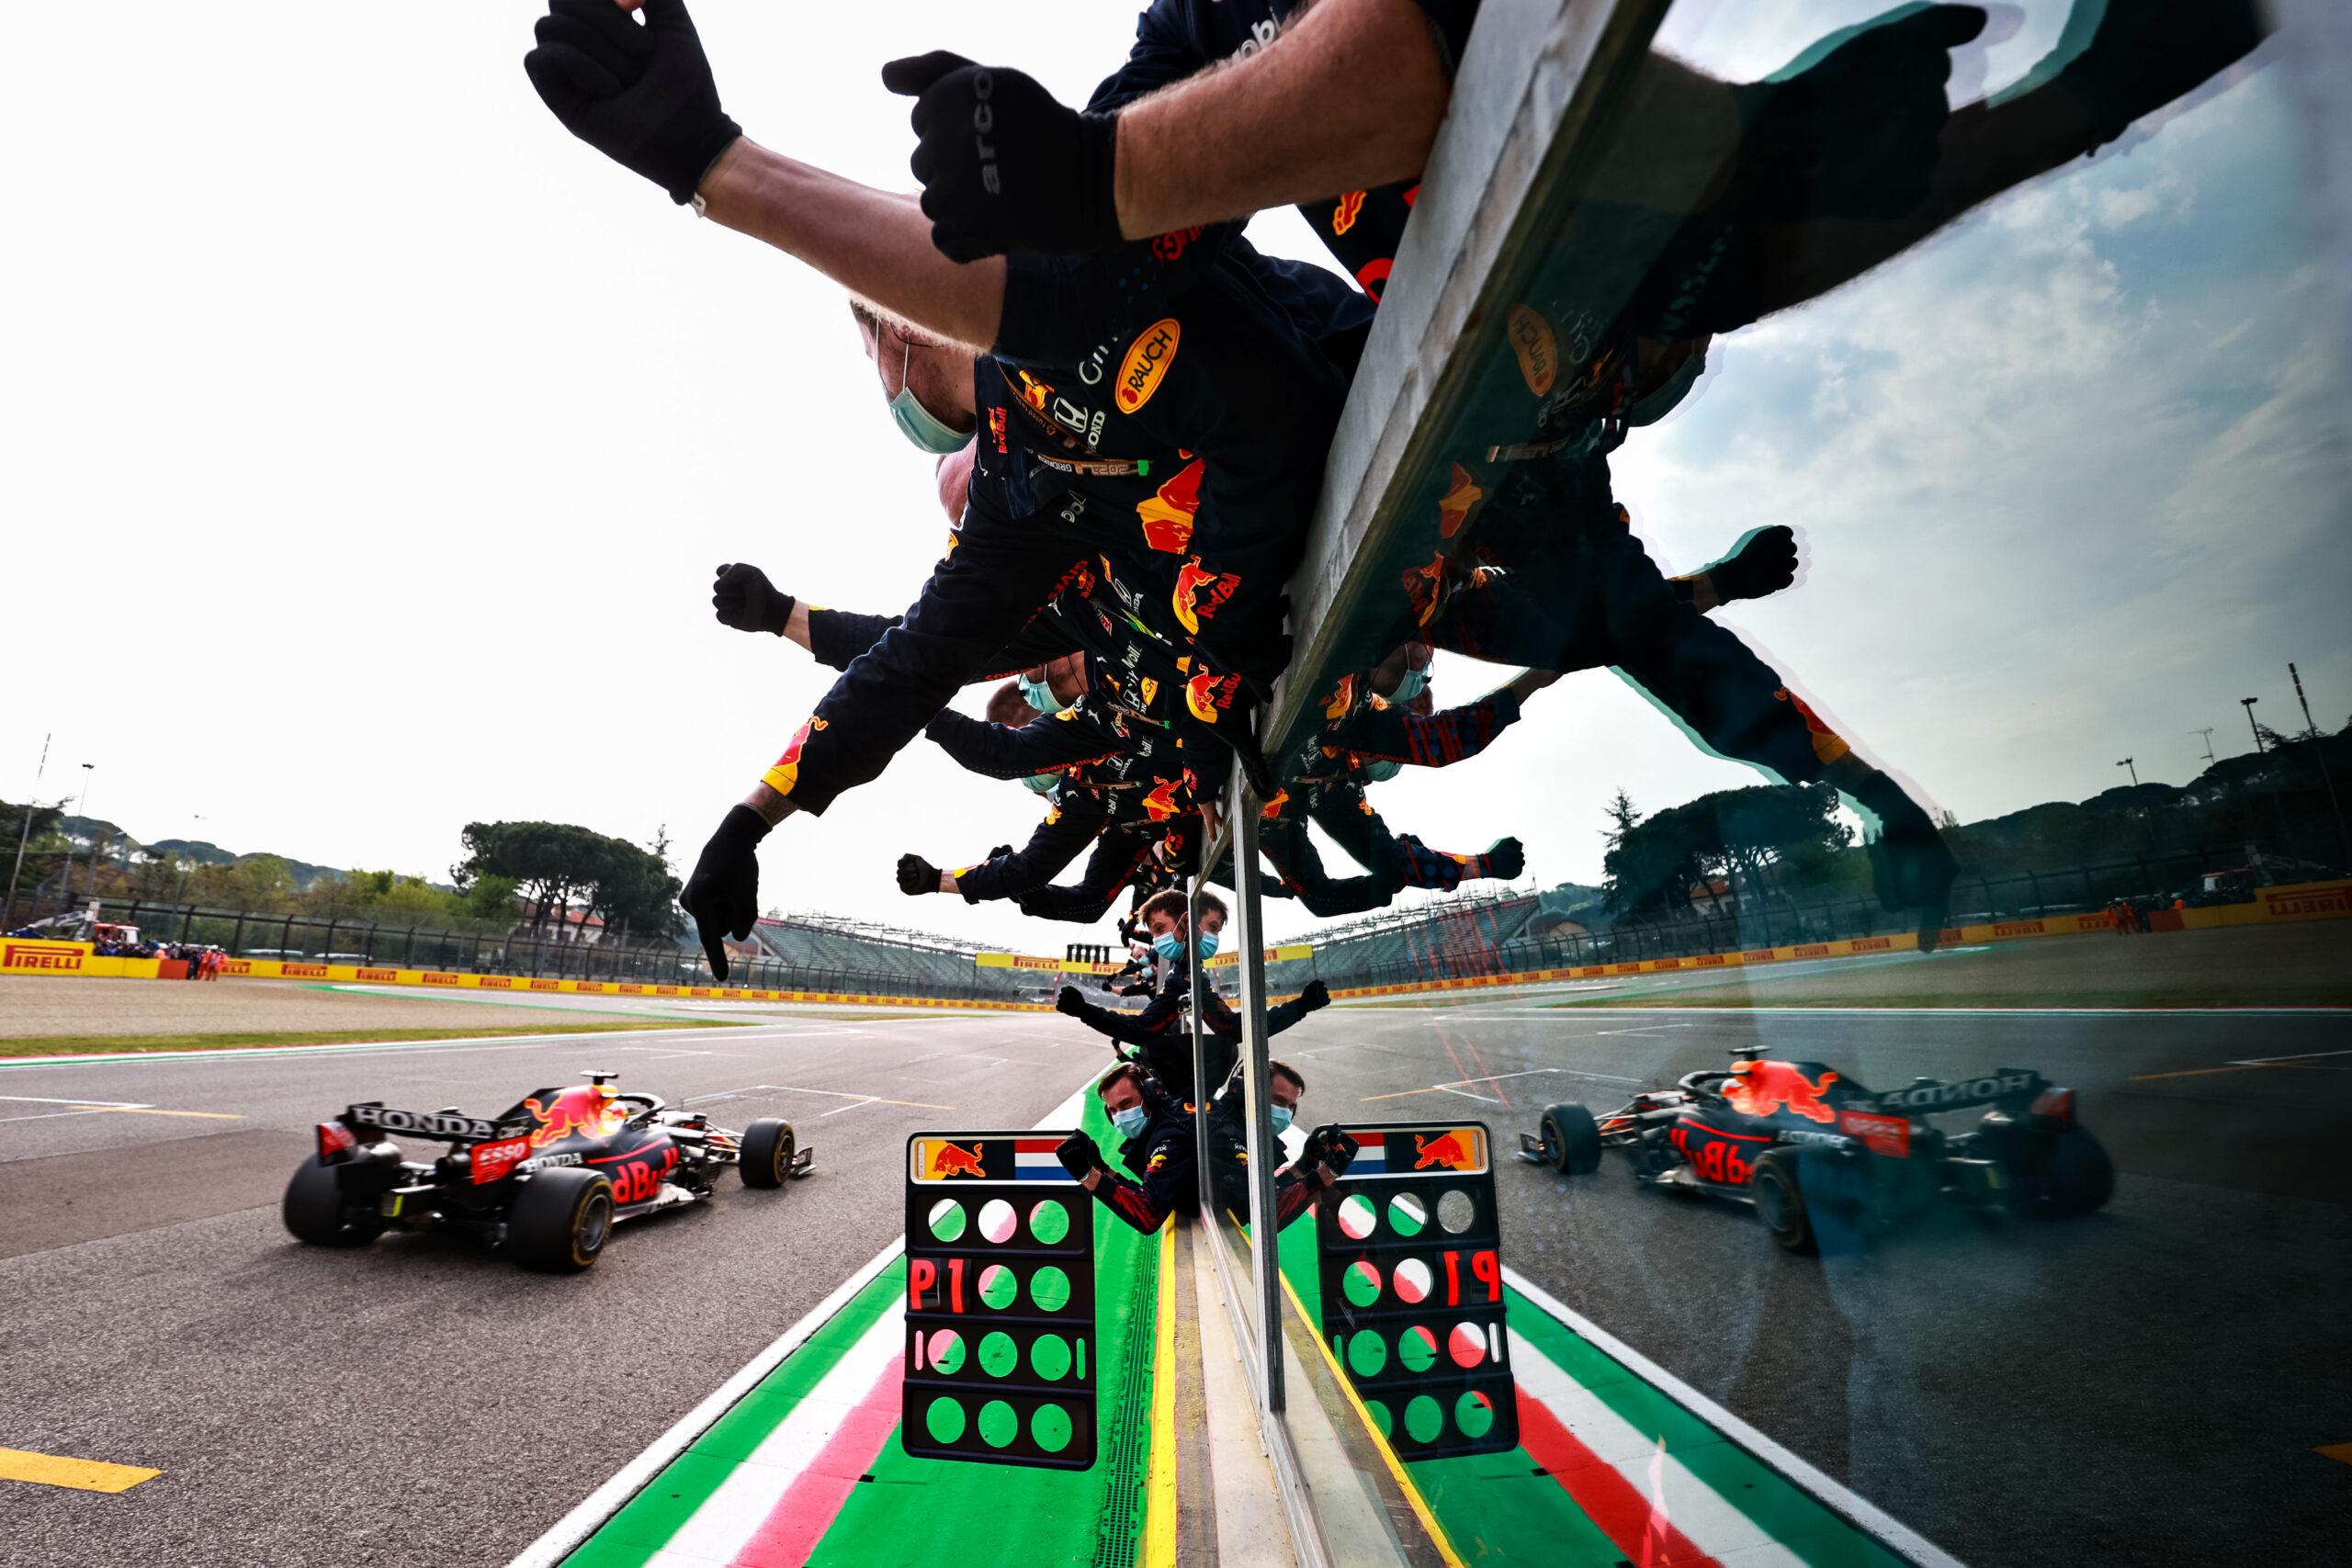 Emilia Romagna GP Feiten & Statistieken: Verstappen rekent af met Italiaanse vloek door te winnen op Imola